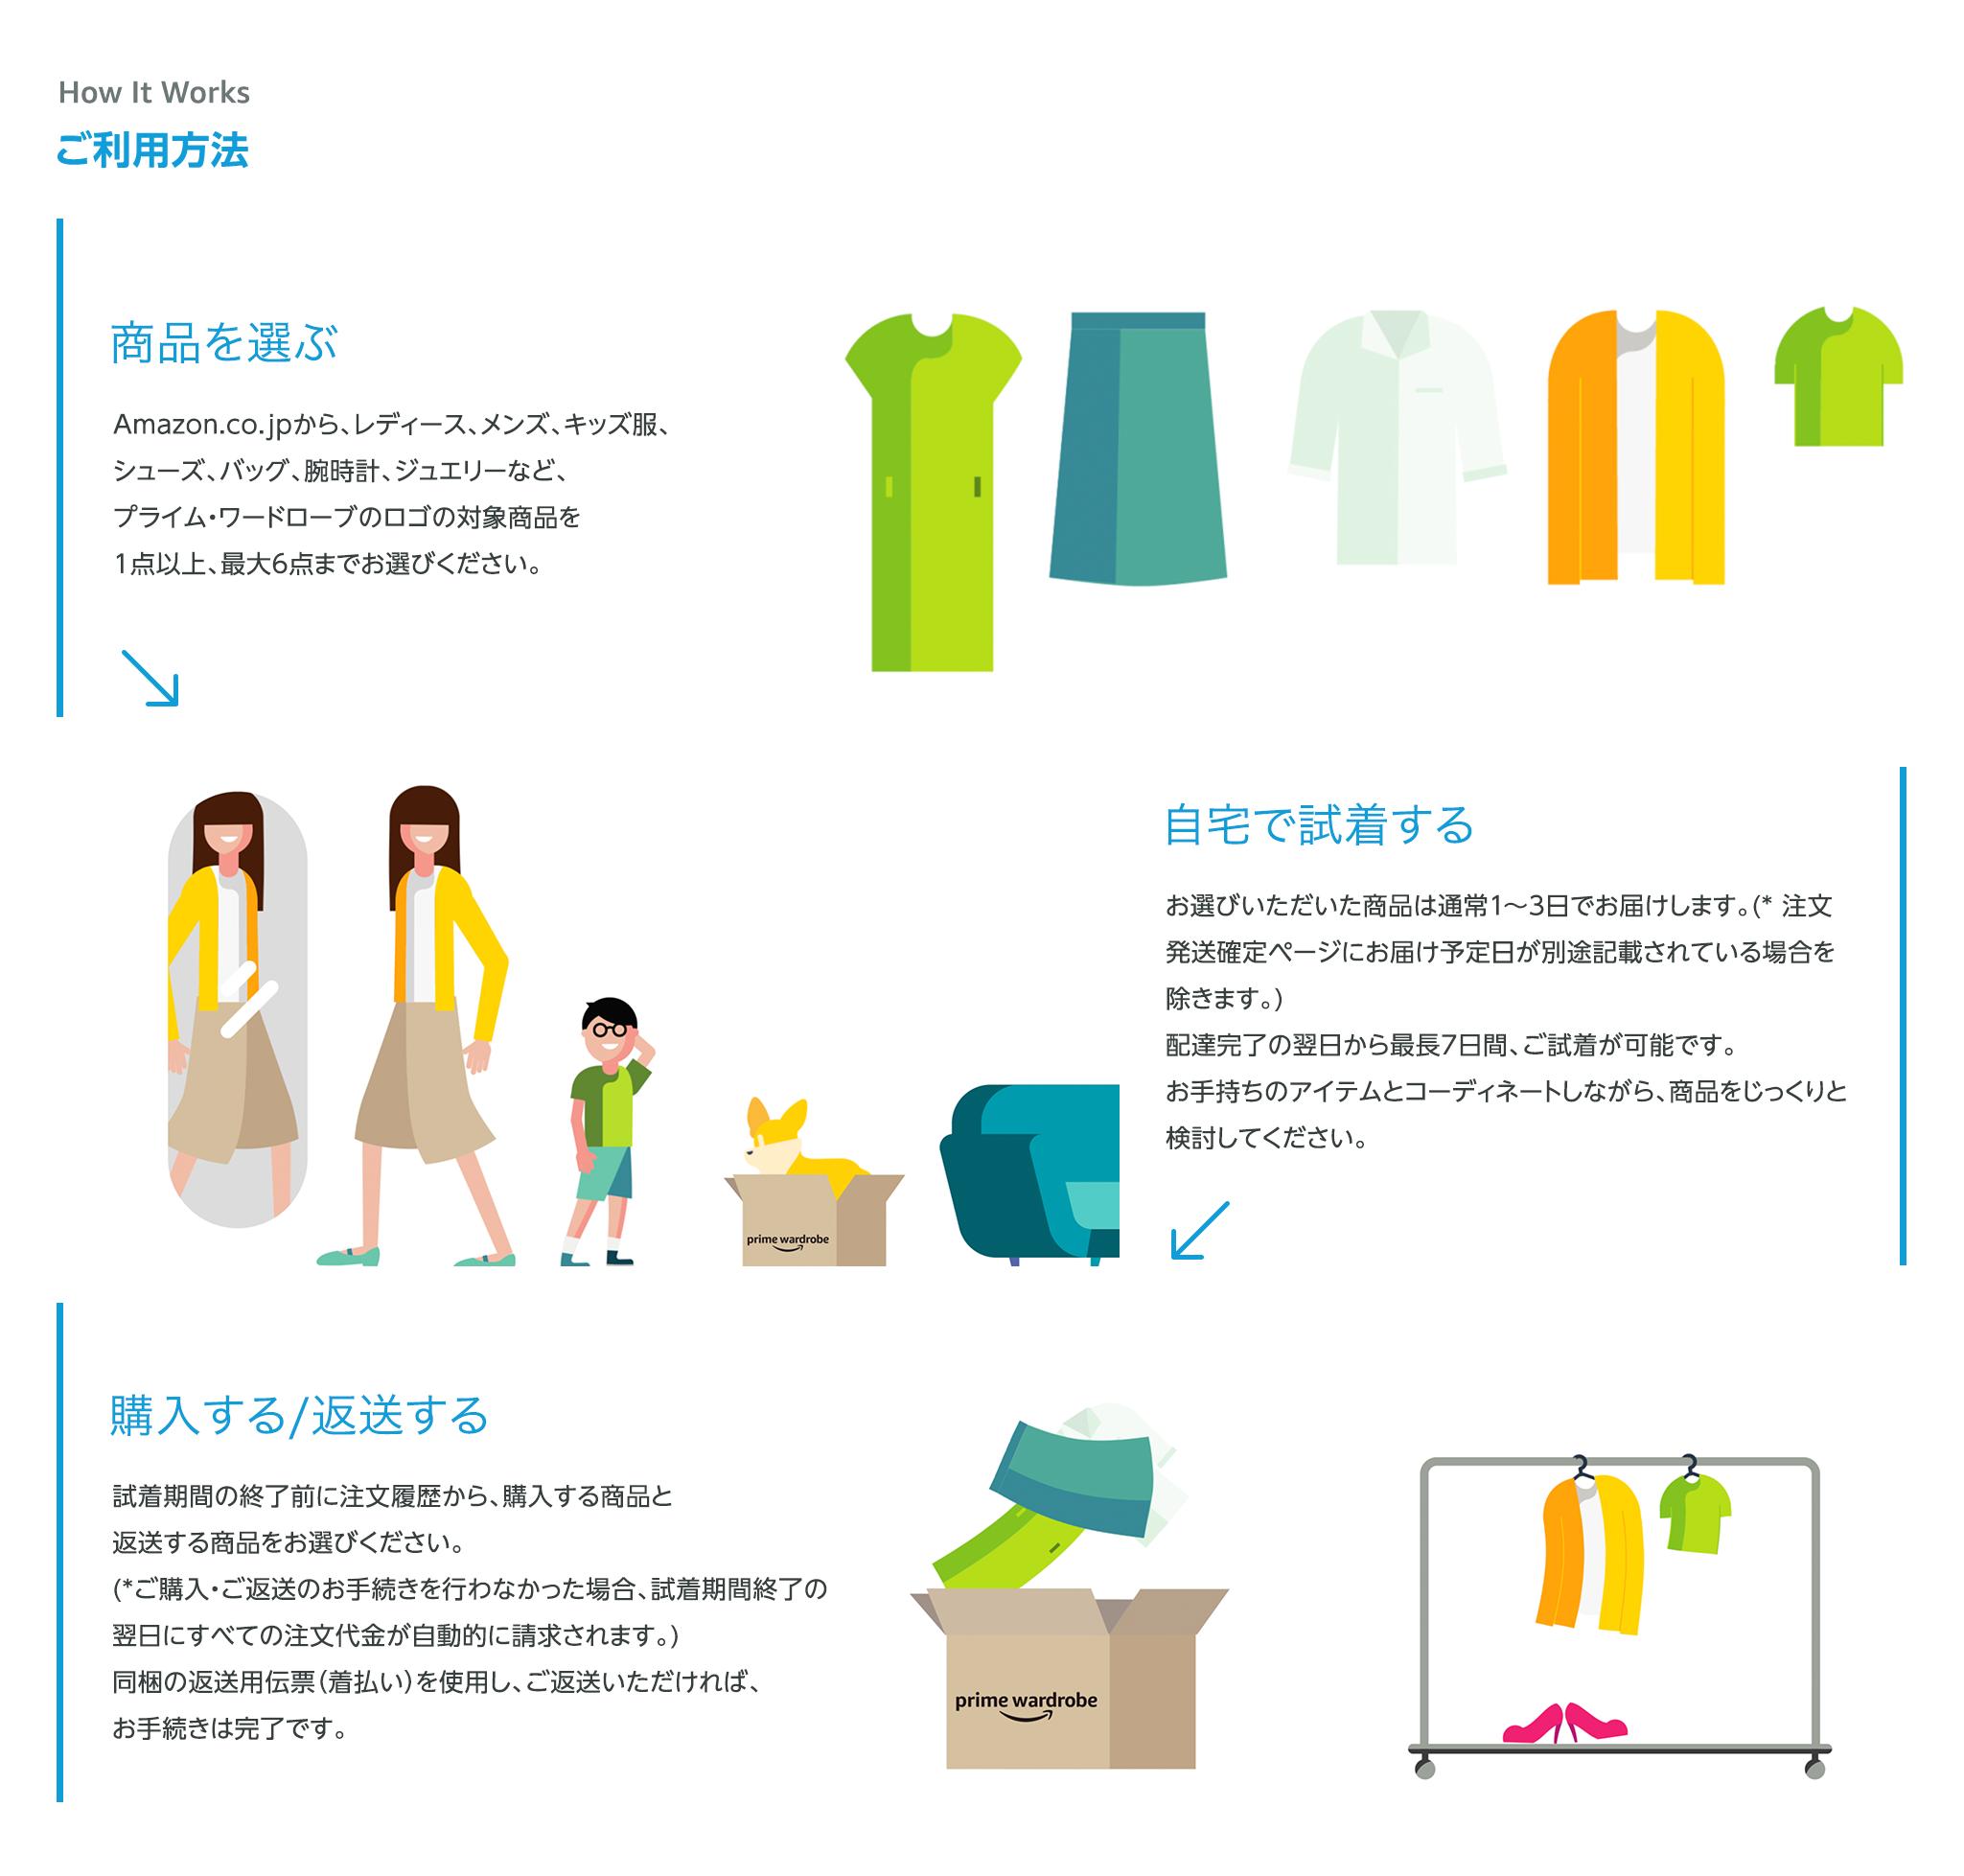 プライム・ワードローブのご利用方法 商品を選ぶ→自宅で試着する→購入する/返送する